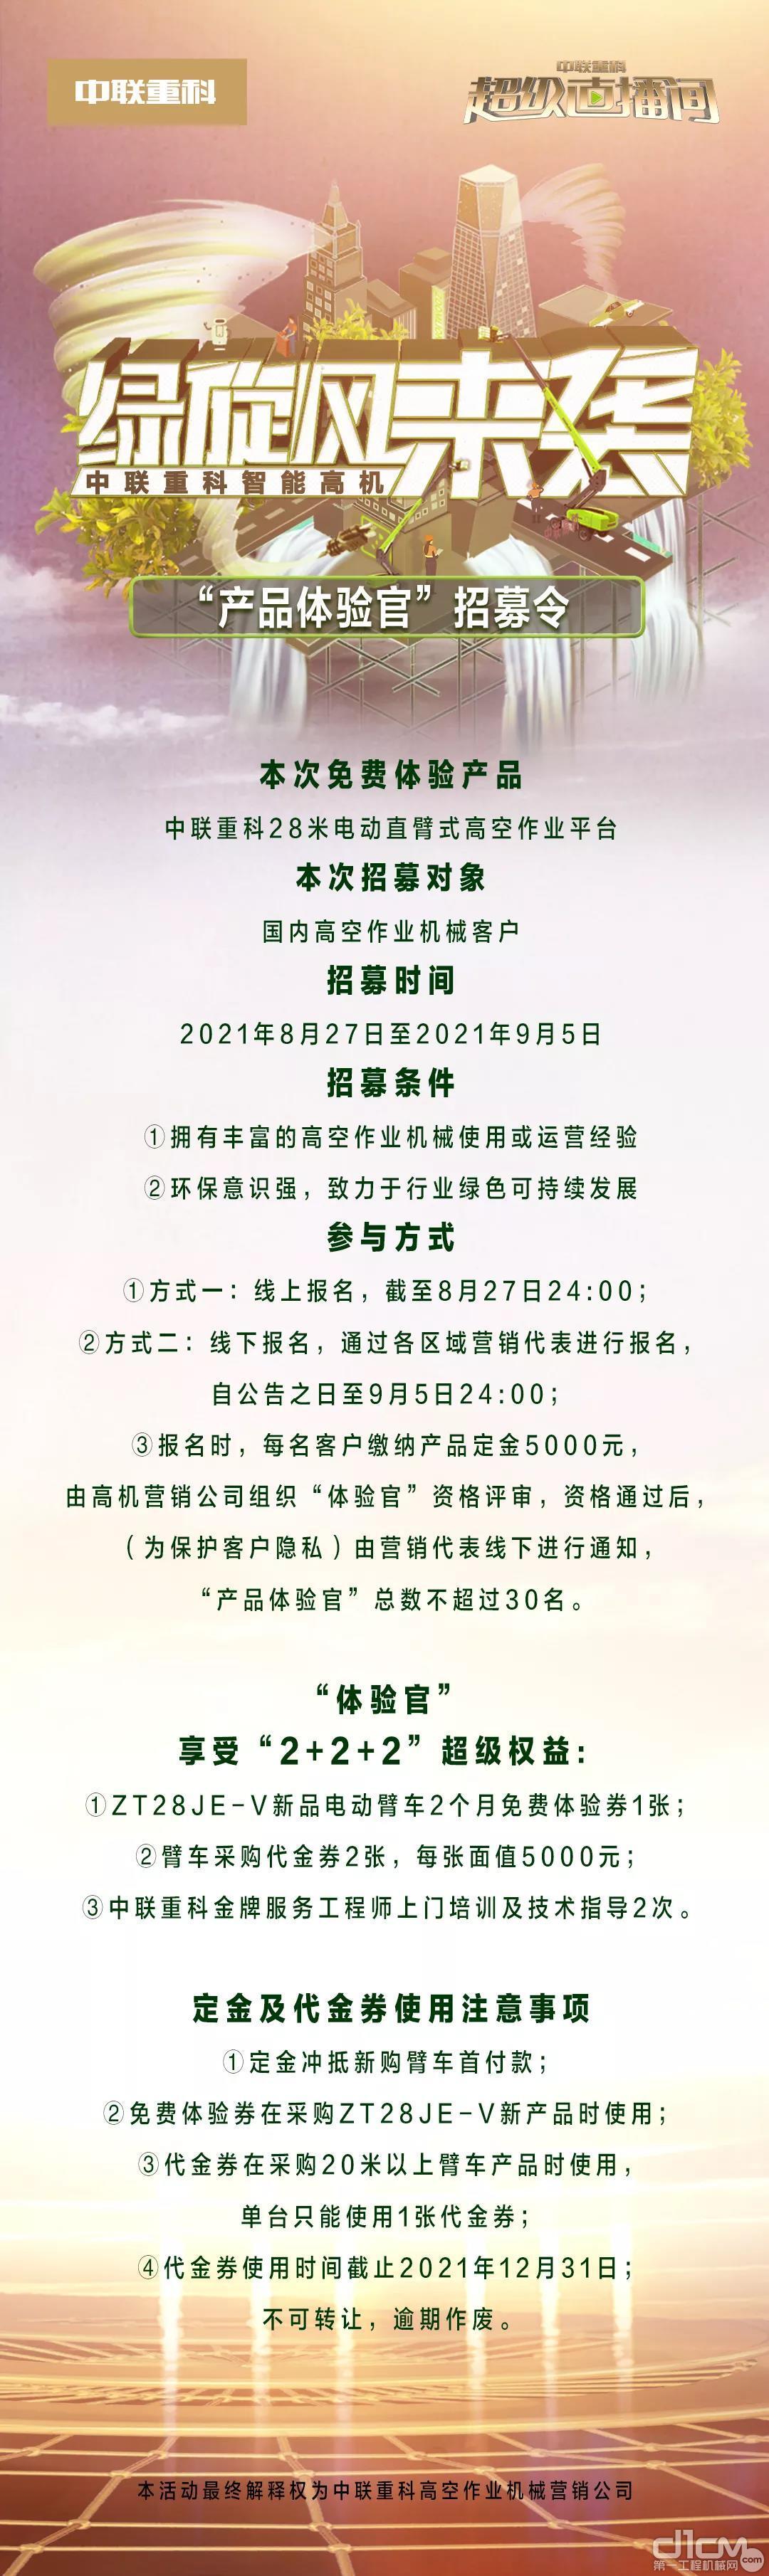 """中联重科智能高机:""""绿旋风来袭""""产品体验官招募令"""